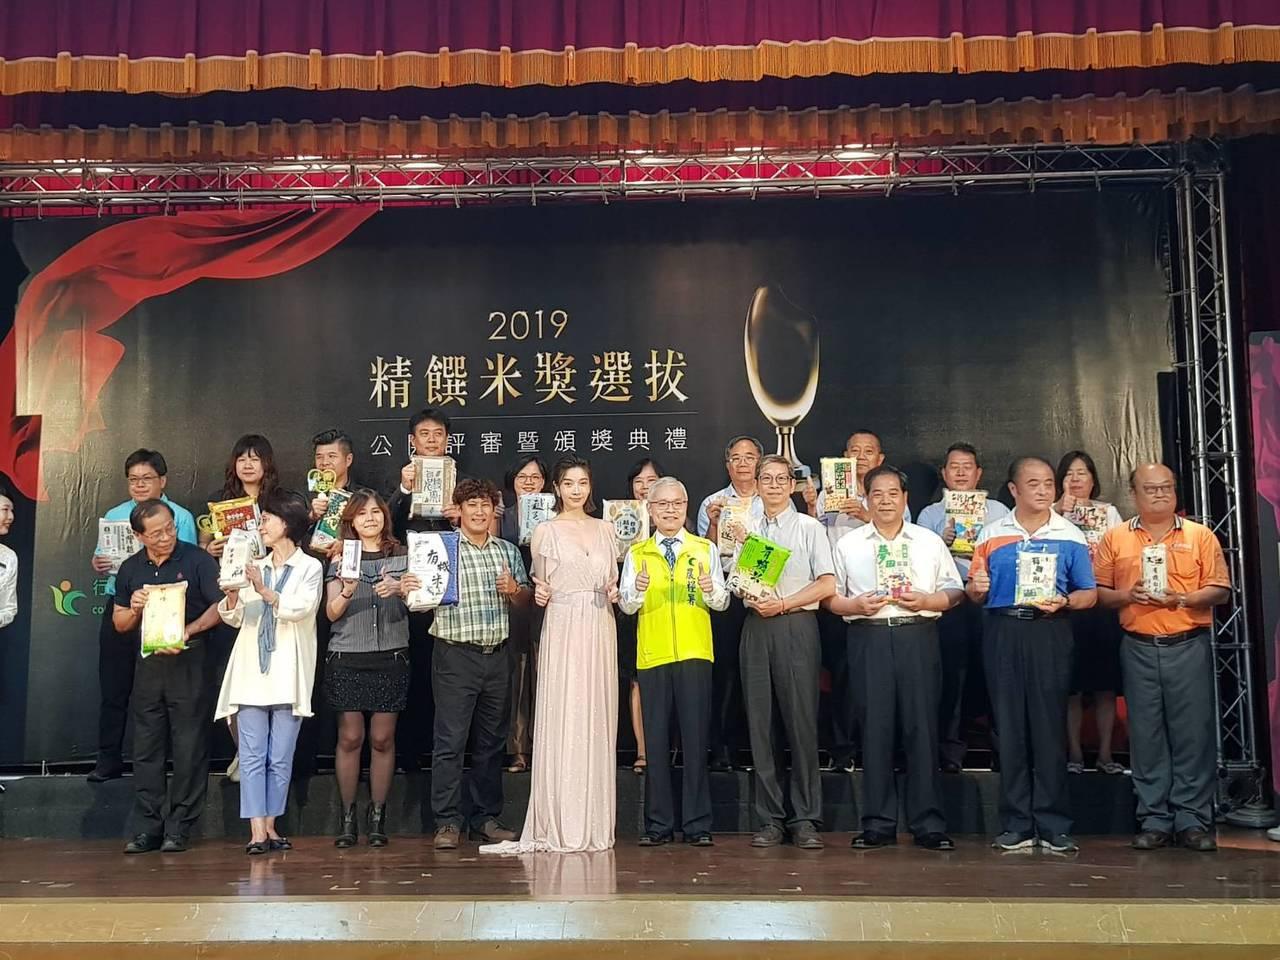 台灣最好的米在哪裡?2019年「精饌米獎」今揭曉。記者彭宣雅/攝影